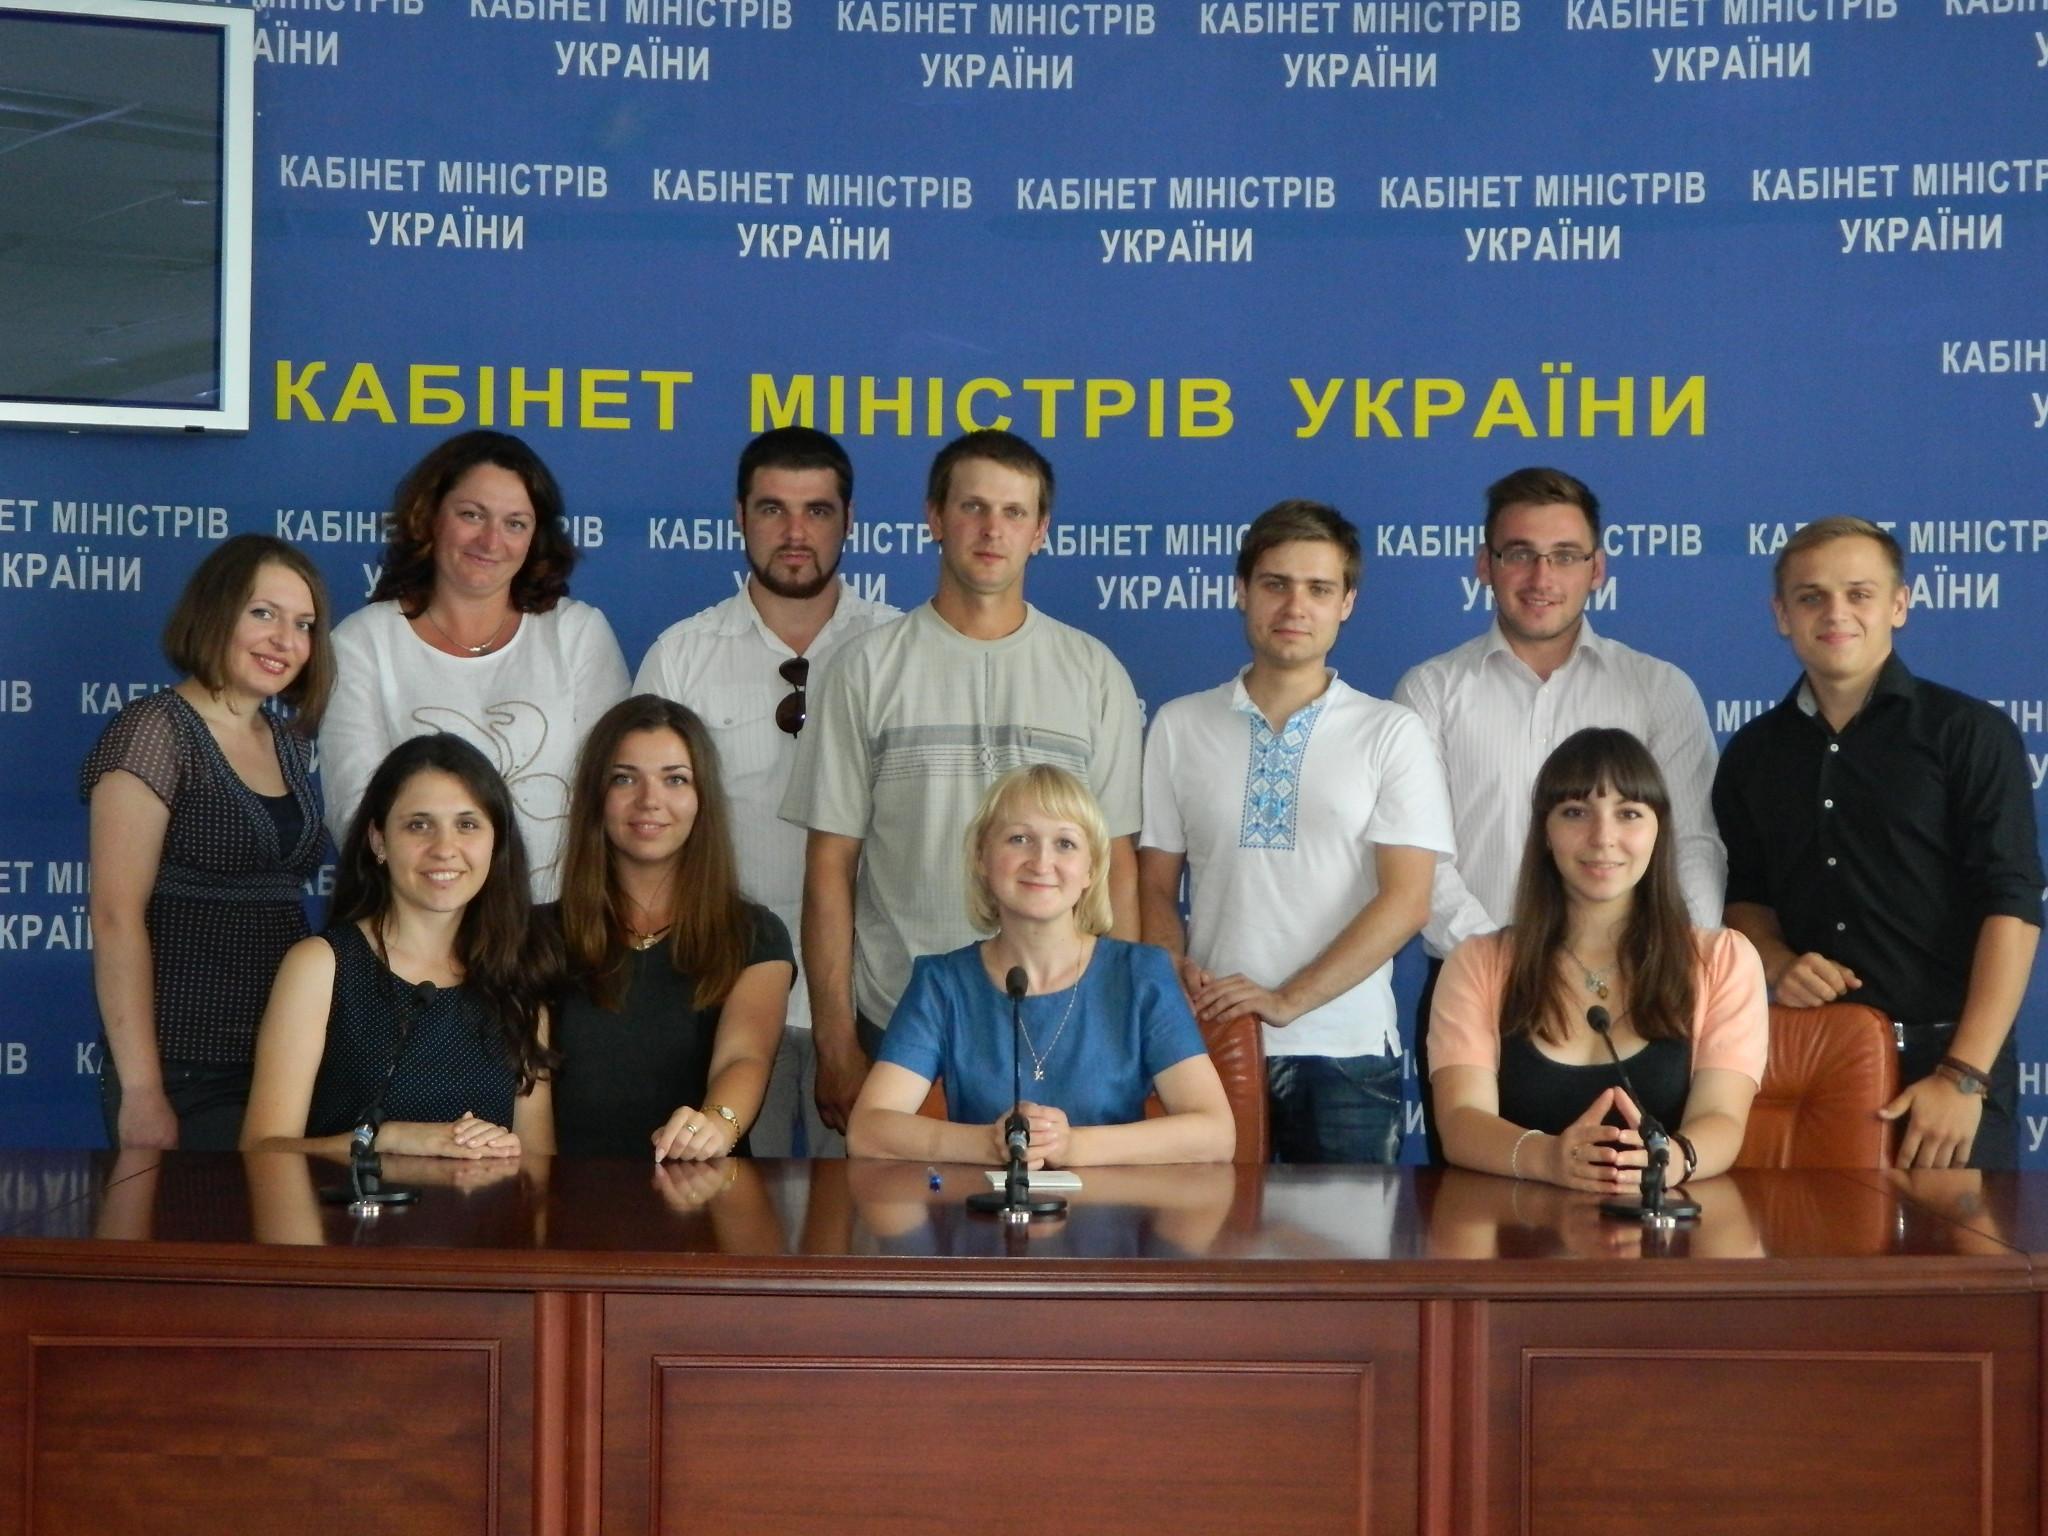 Комунікації молодих лідерів досягли Кабміну